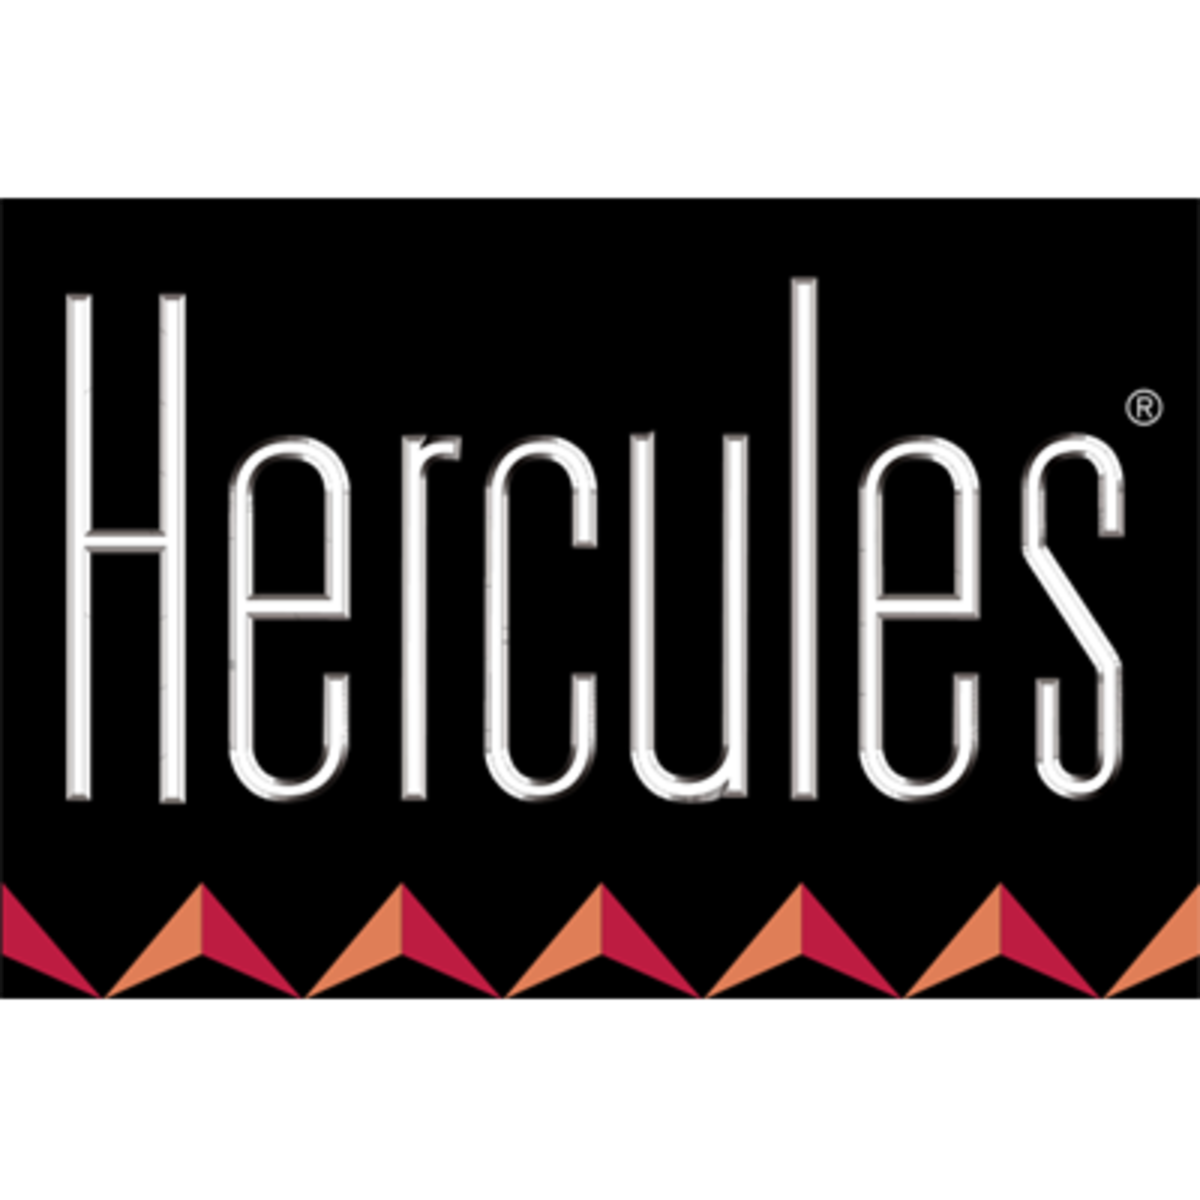 herculeslogo.png